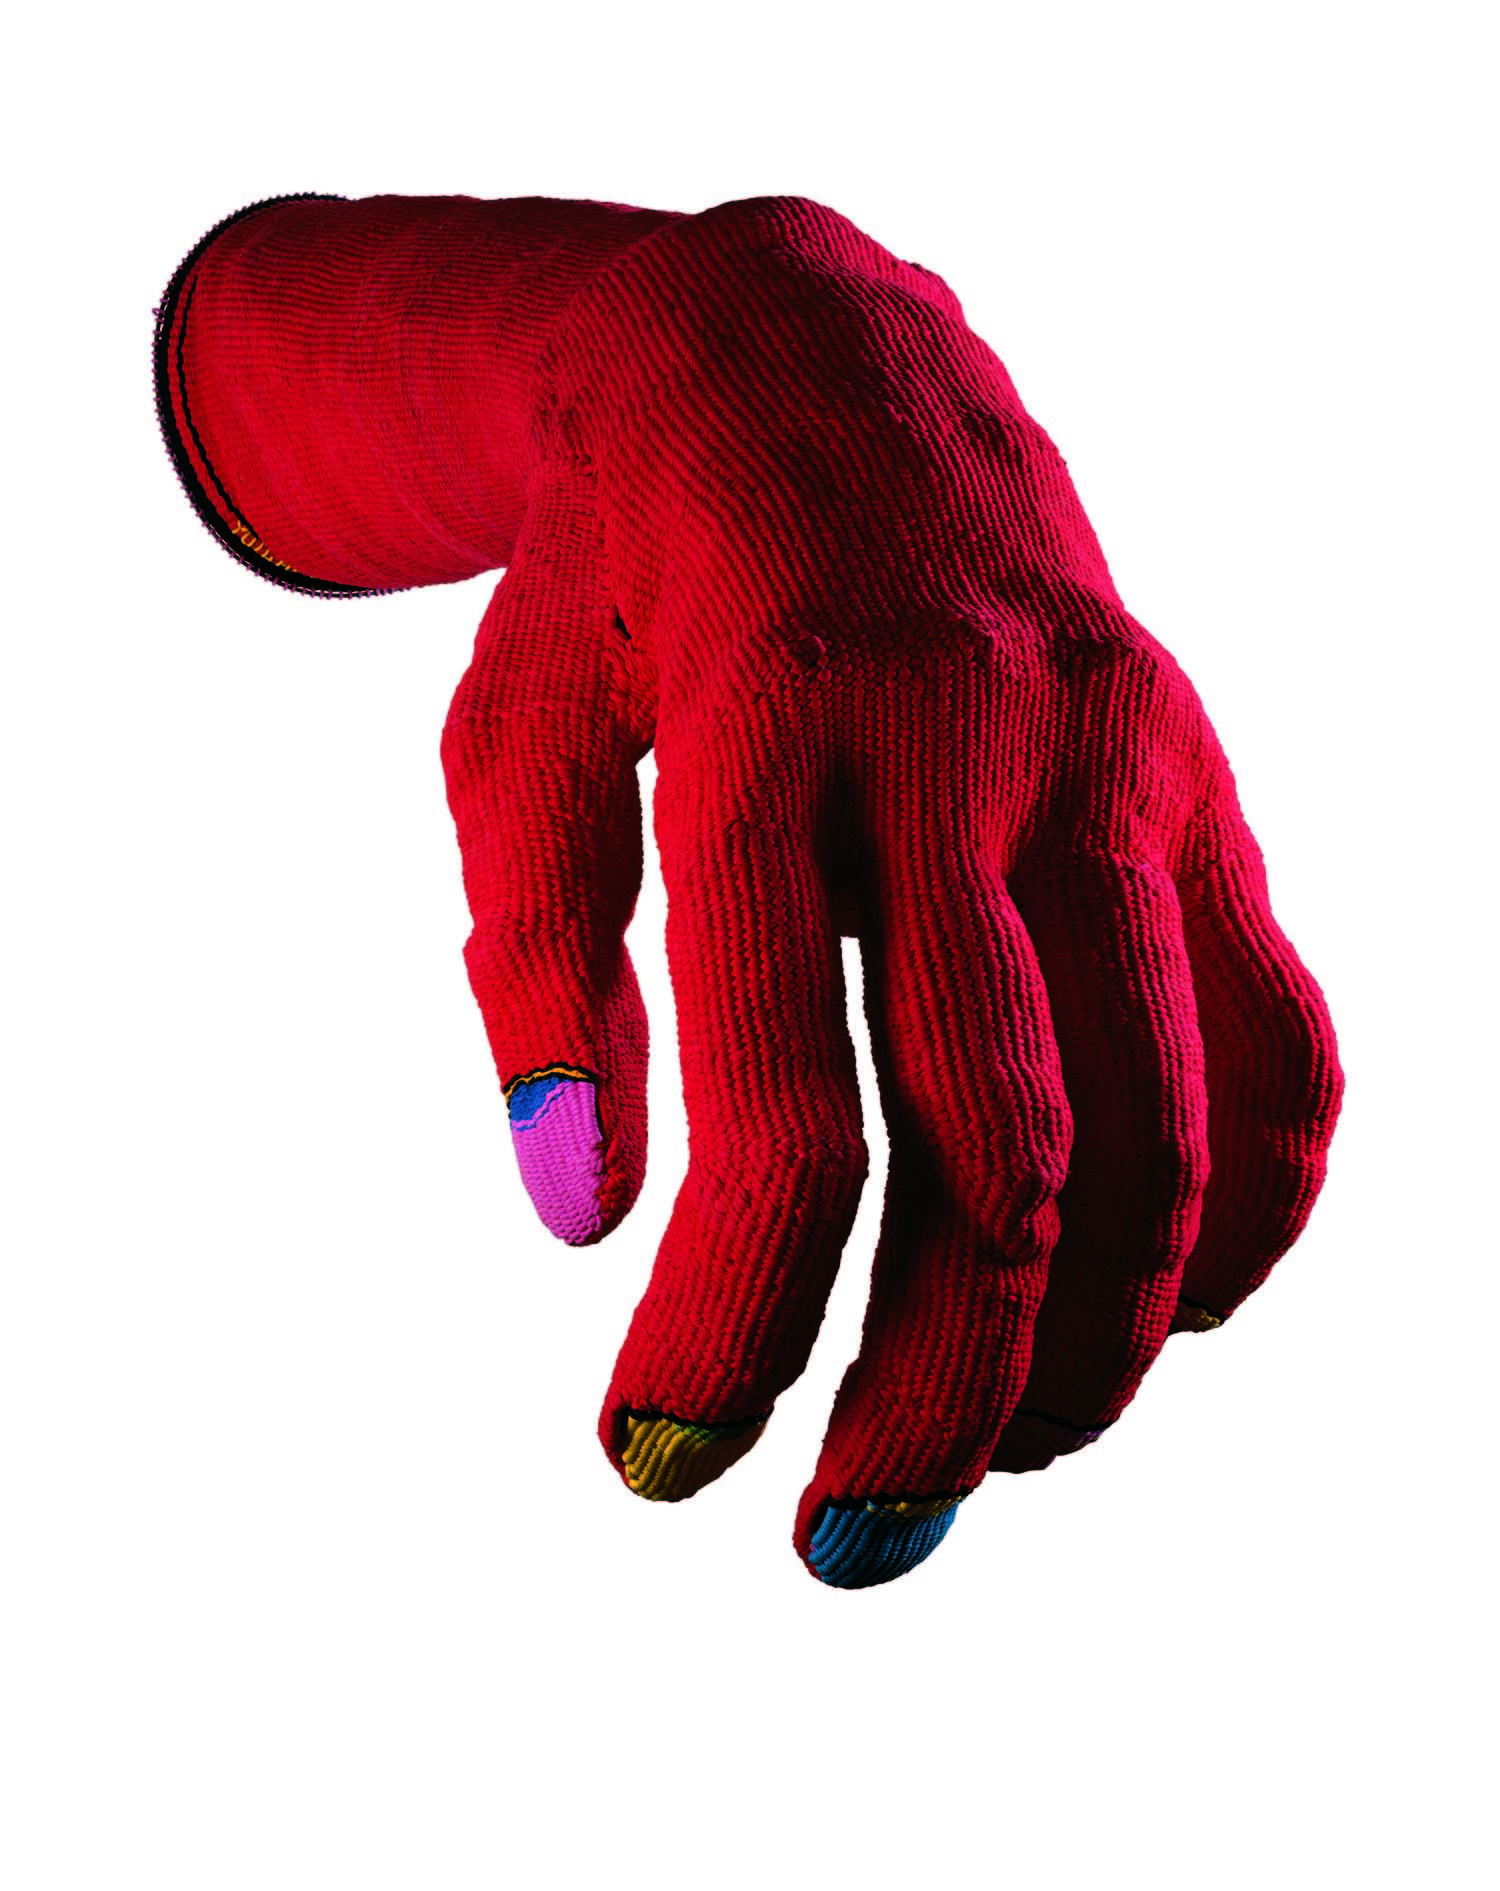 小名木陽一《赤い手ぶくろ》1976年 東京国立近代美術館蔵